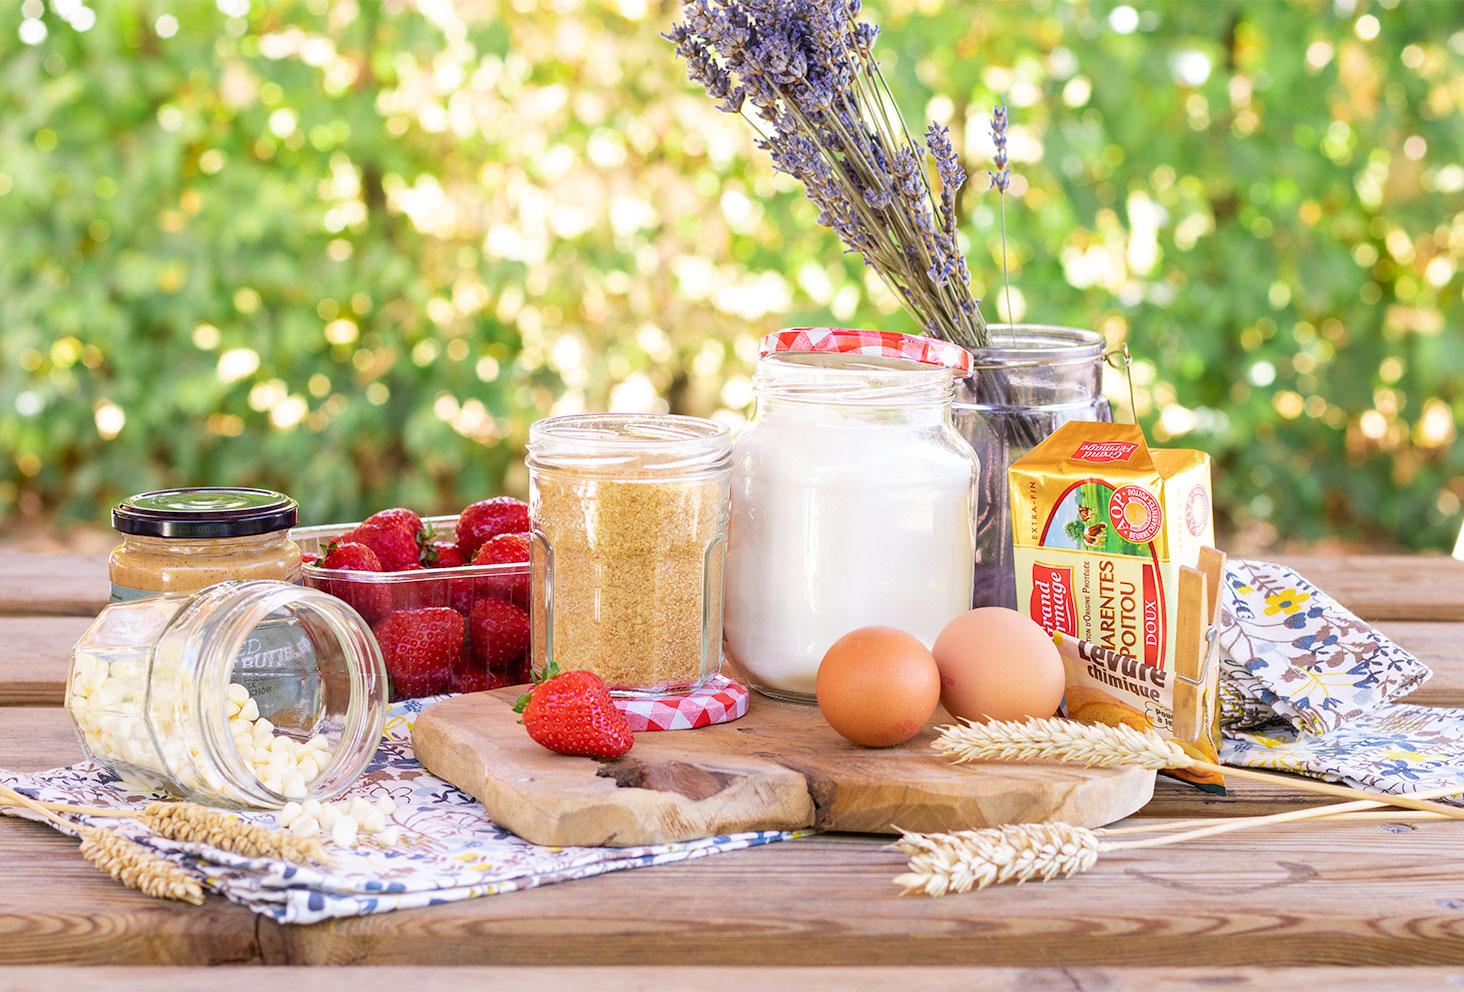 Ingrédients nécessaires à la recette des cookies aux pépites de chocolat blanc fourrés à la fraise et à la purée d'amande et de cacahuètes